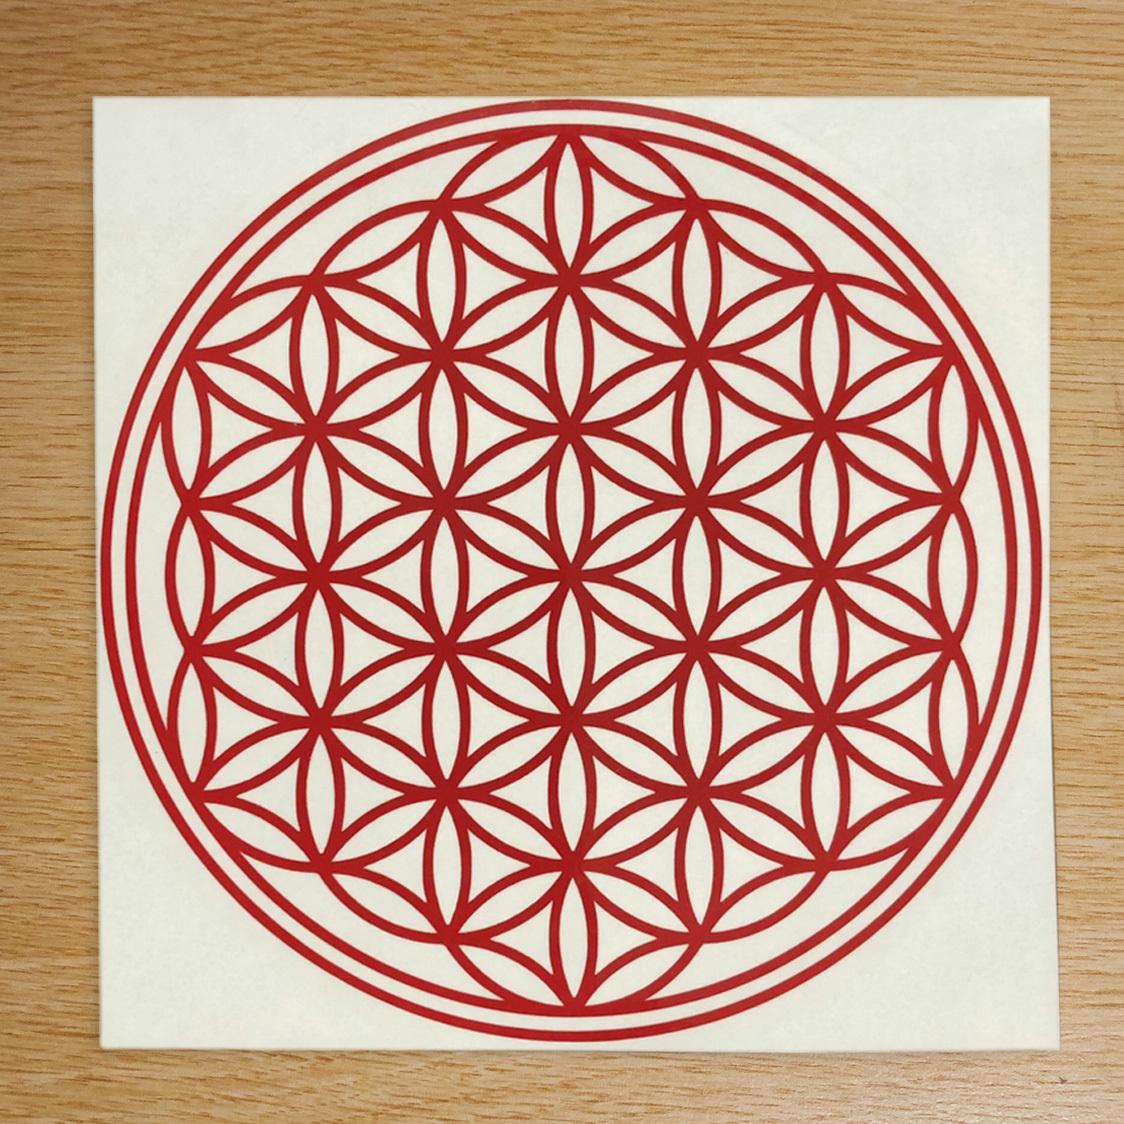 ●フラワーオブライフ 幾何学模様 「生命の花」運気向上 開運ステッカー 10色から選べる 701_画像1